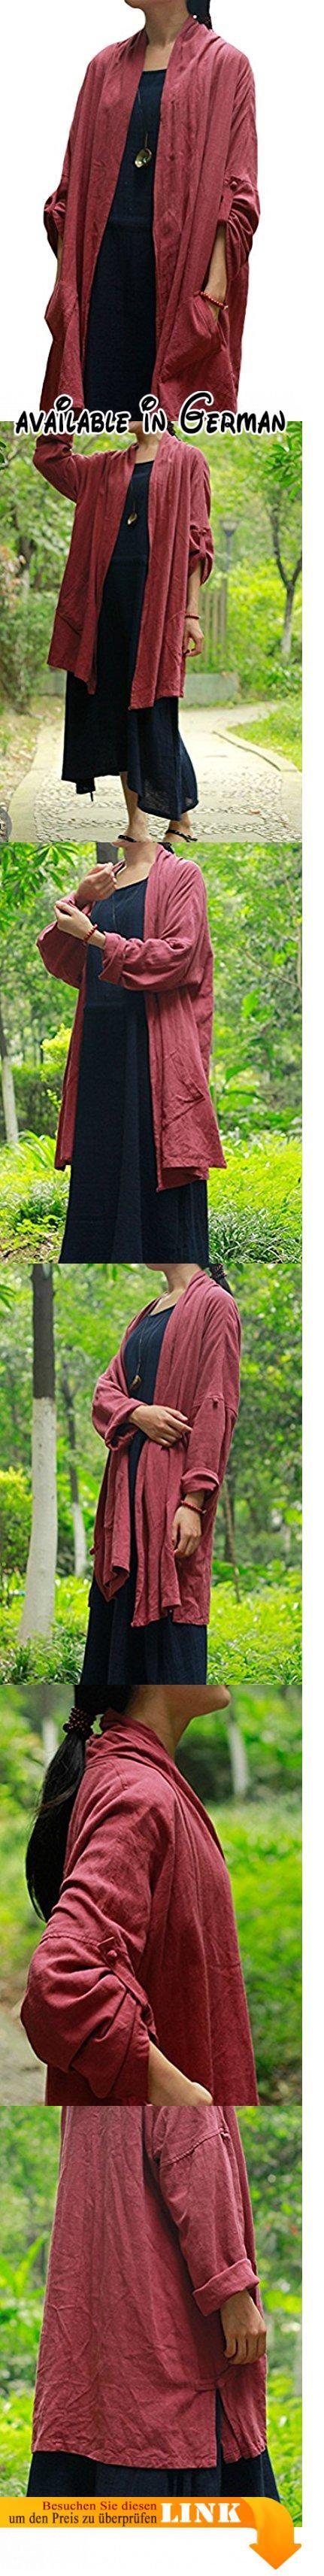 MatchLife Damen Langarm Trenchcoats Cardigan Irregulär Mantel Style2 Rot. Style1:Länge(front):92cm,Länge(front):120cm,Cuff:32cm. Style2:Länge:80cm,Fehlschlag:124cm,Cuff:32cm. Casual style,langarm,stehkragen,cardigan design,seite design,vintage pattern.. Handwäsche oder Maschinenwäsche. Notiz:Cuff:32cm #Apparel #OUTERWEAR